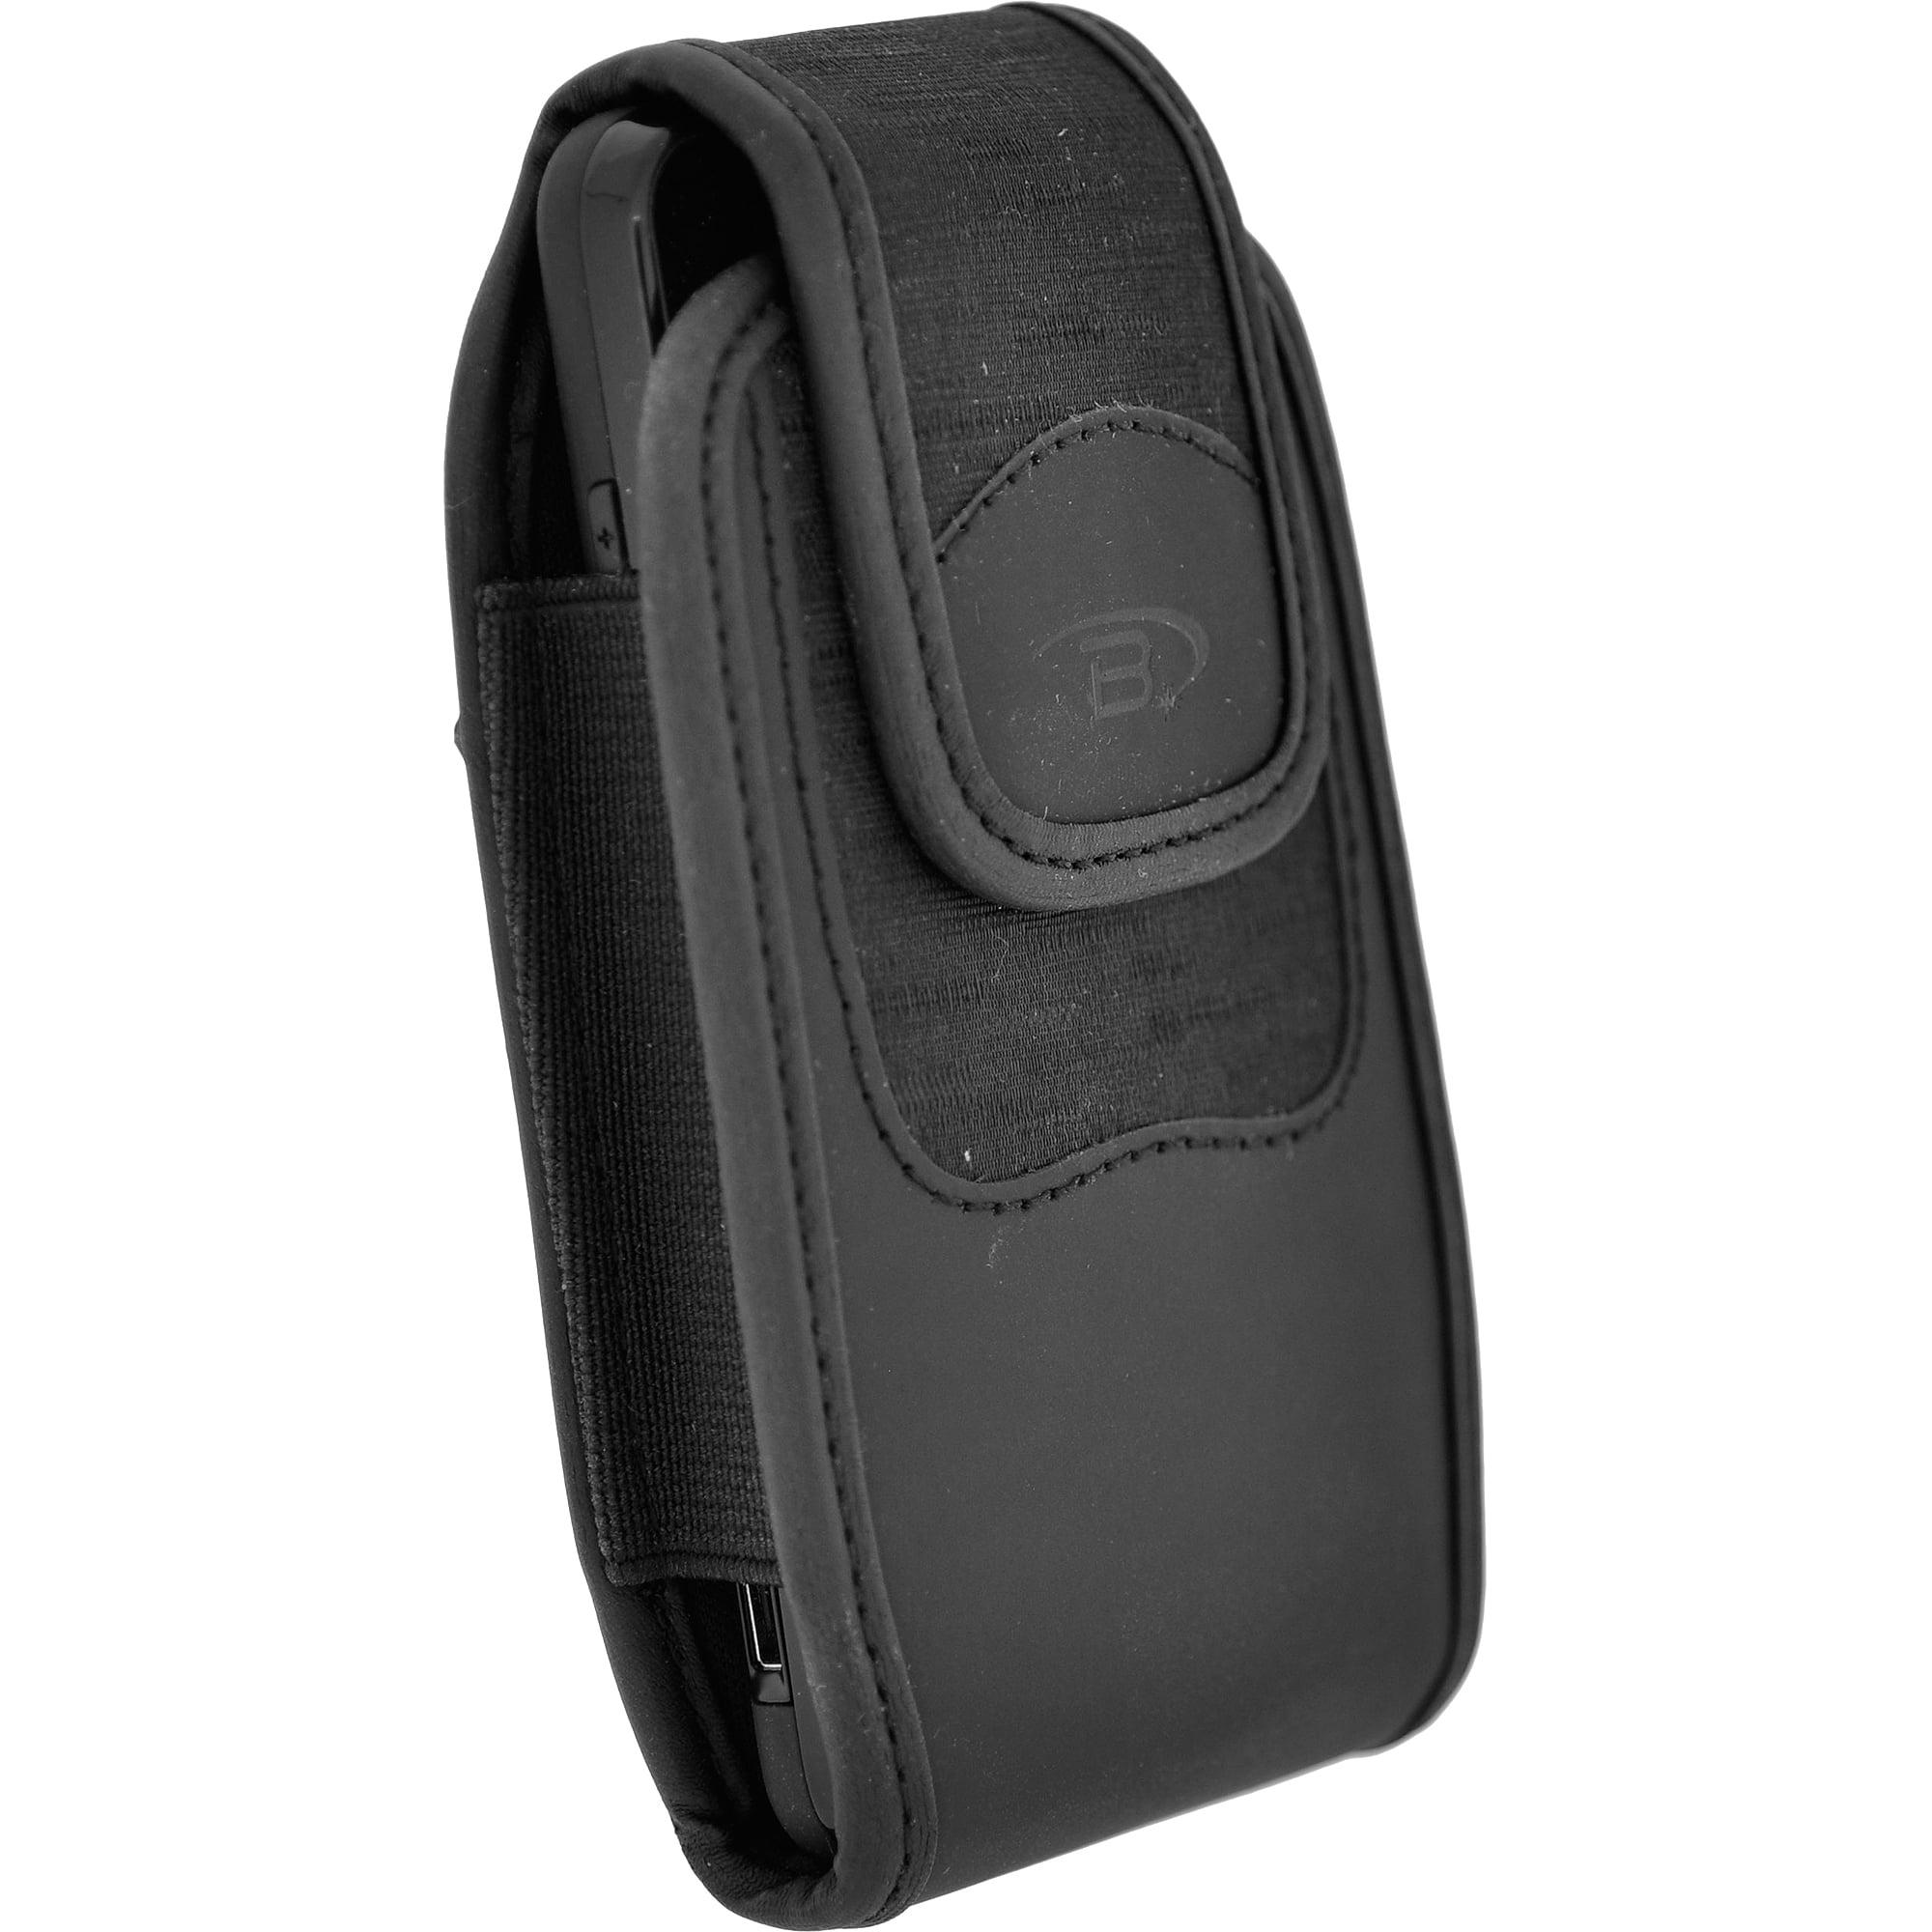 Case Logic Vertical Smartphone Pouch